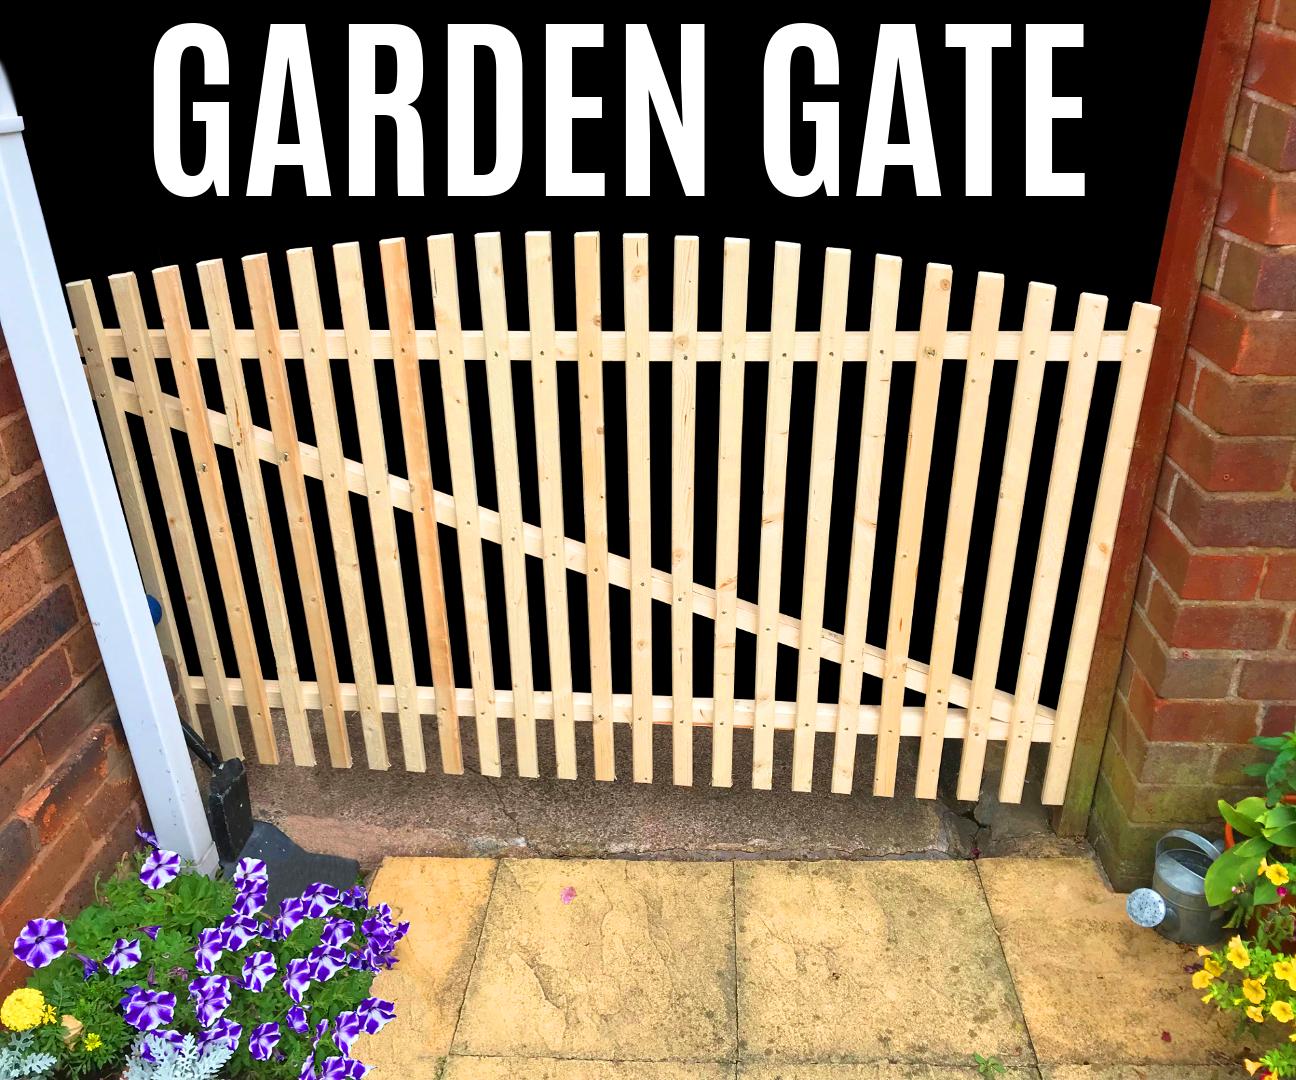 Outdoorküche Stein Gate : How to make a garden gate in wood working plans tips